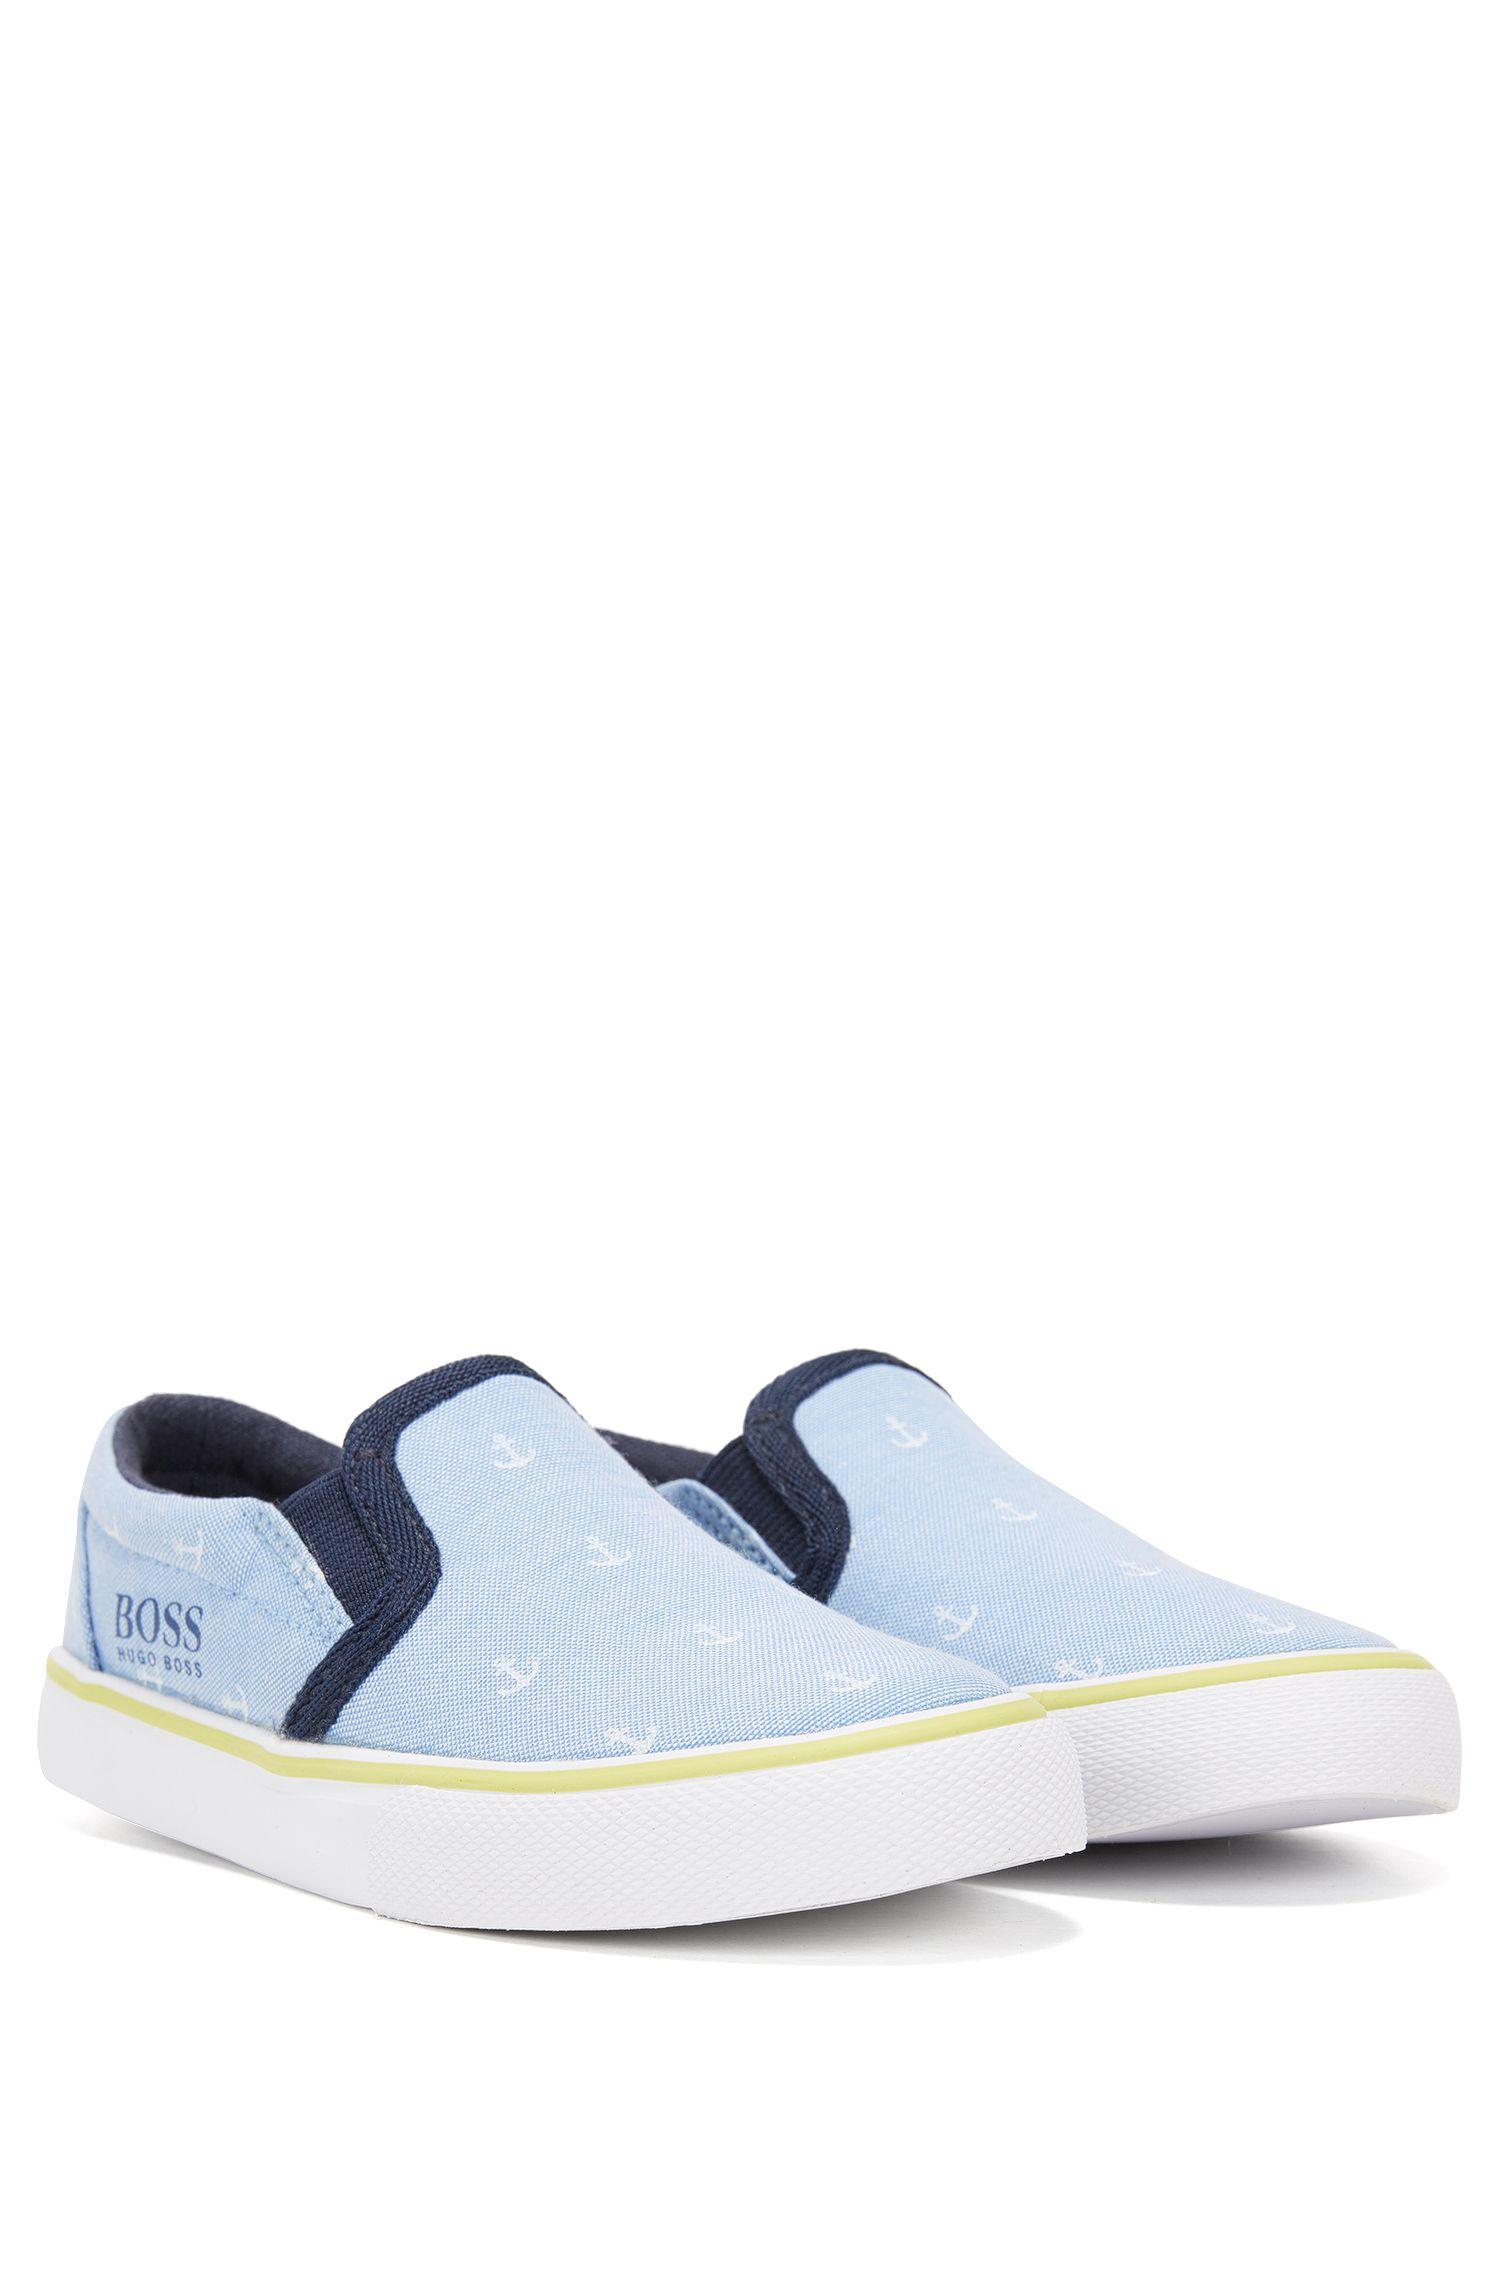 Chaussures à enfiler en coton imprimé pour enfant